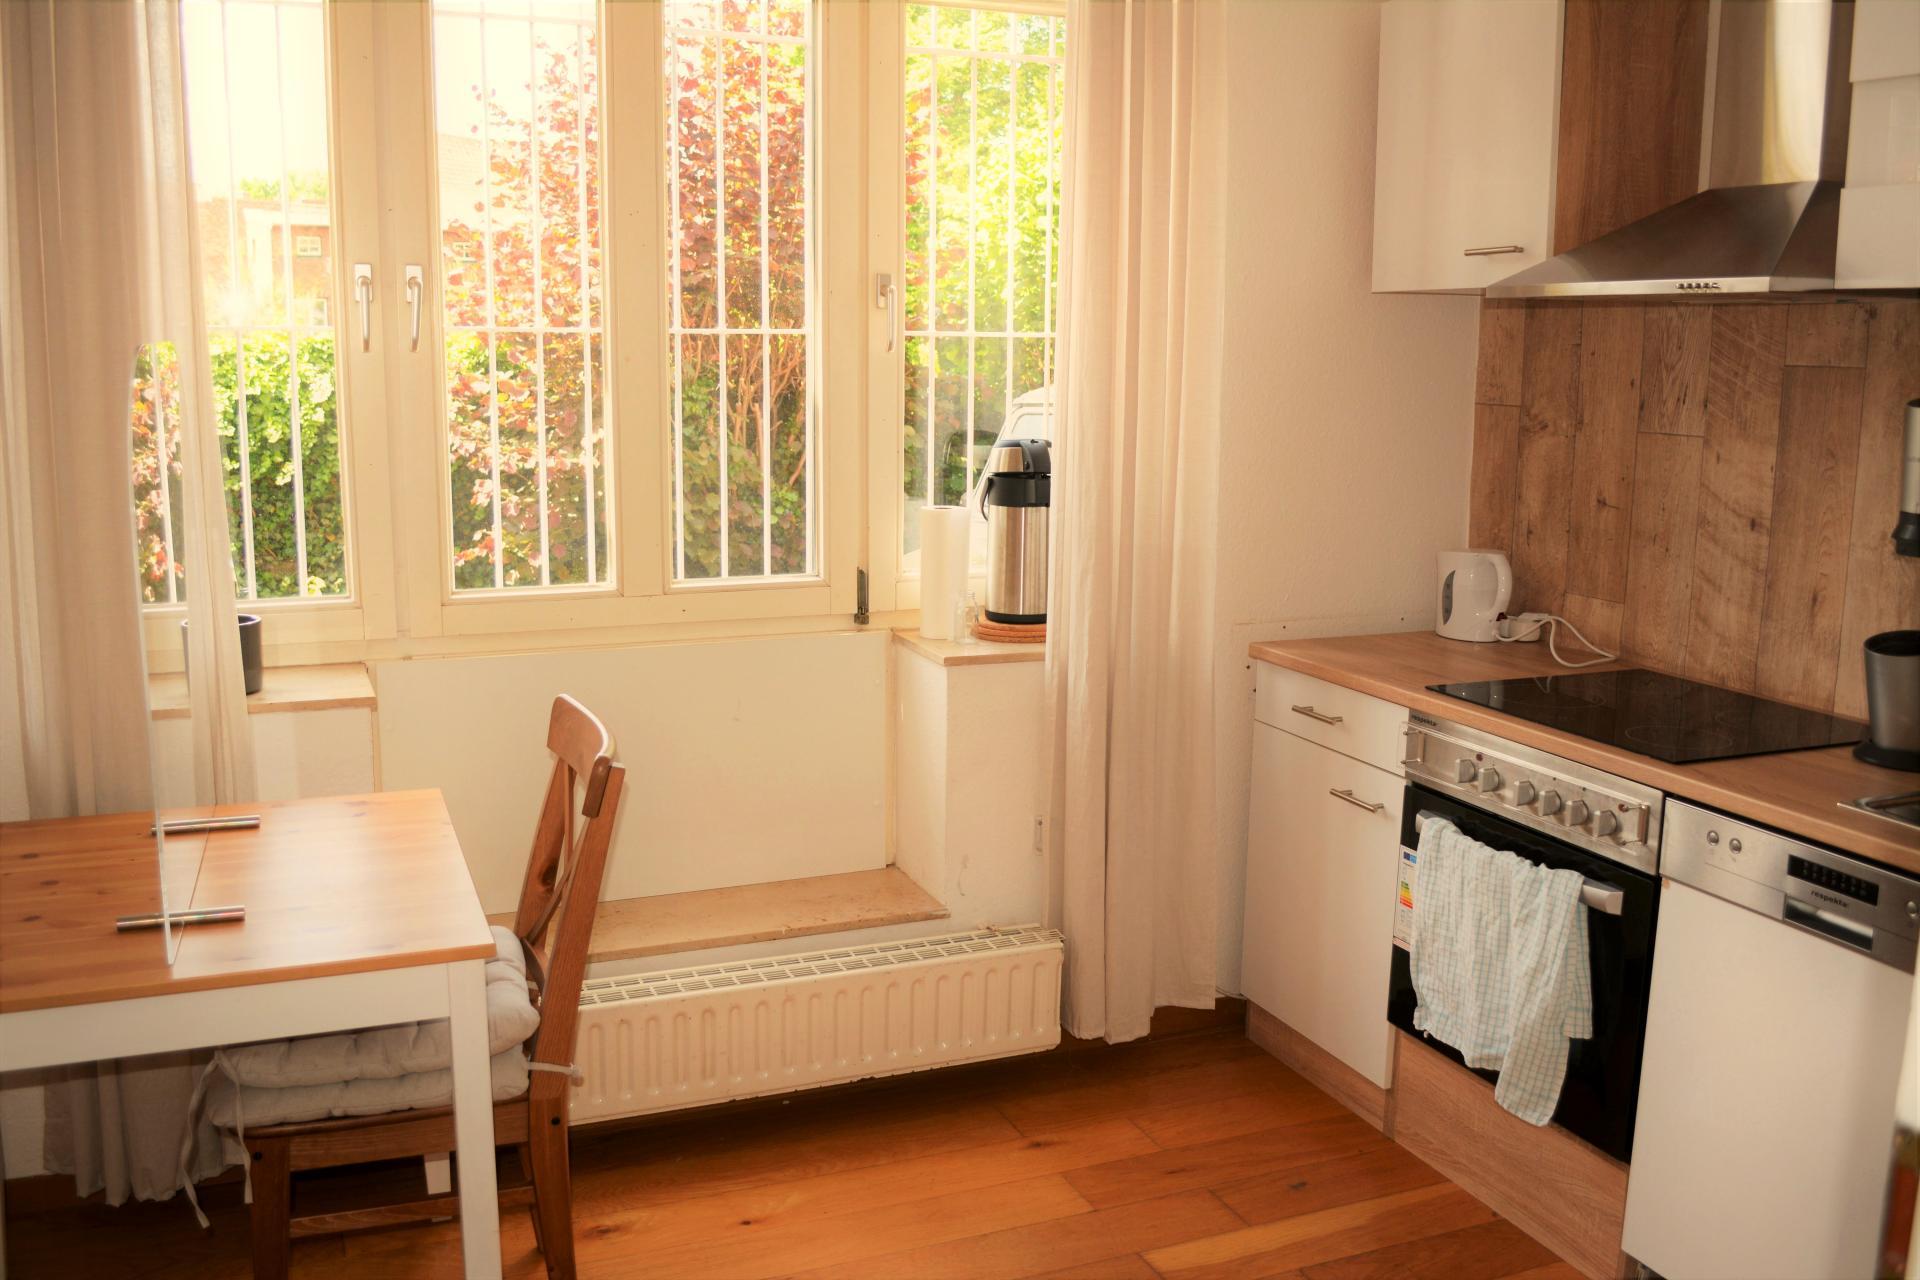 06 Küche